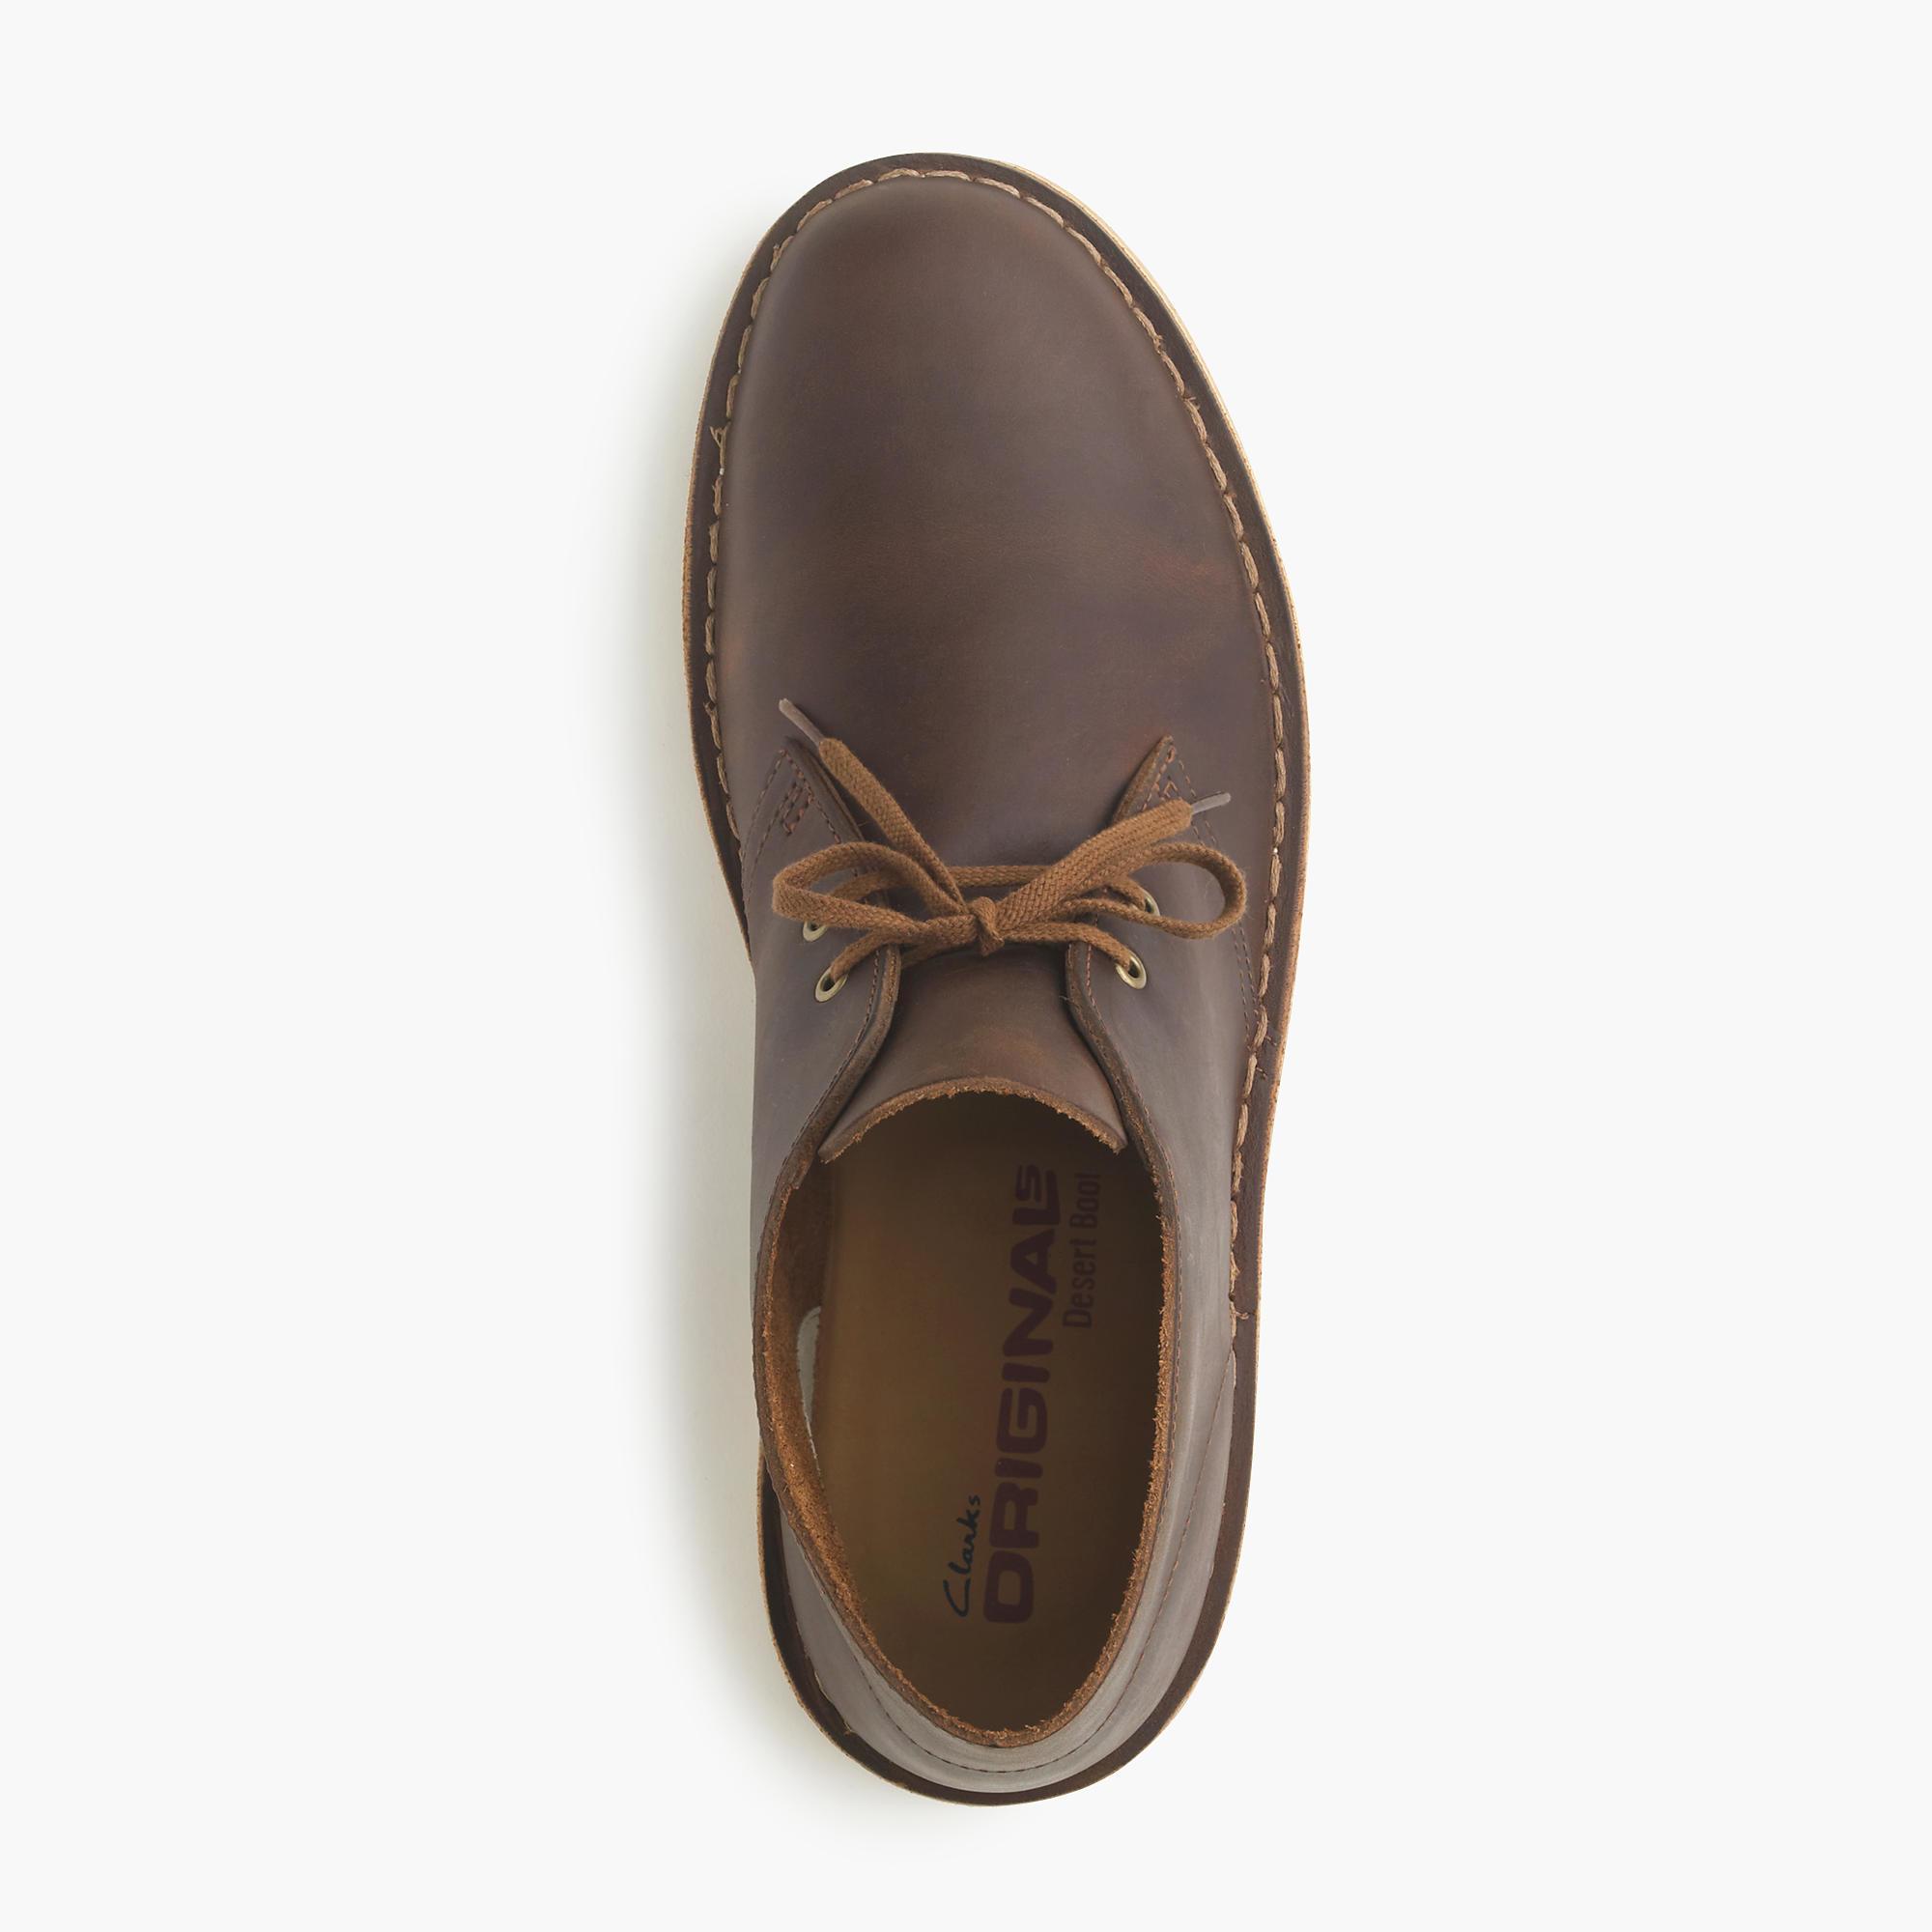 J.crew Clarks Originals Desert Boots in Brown for Men